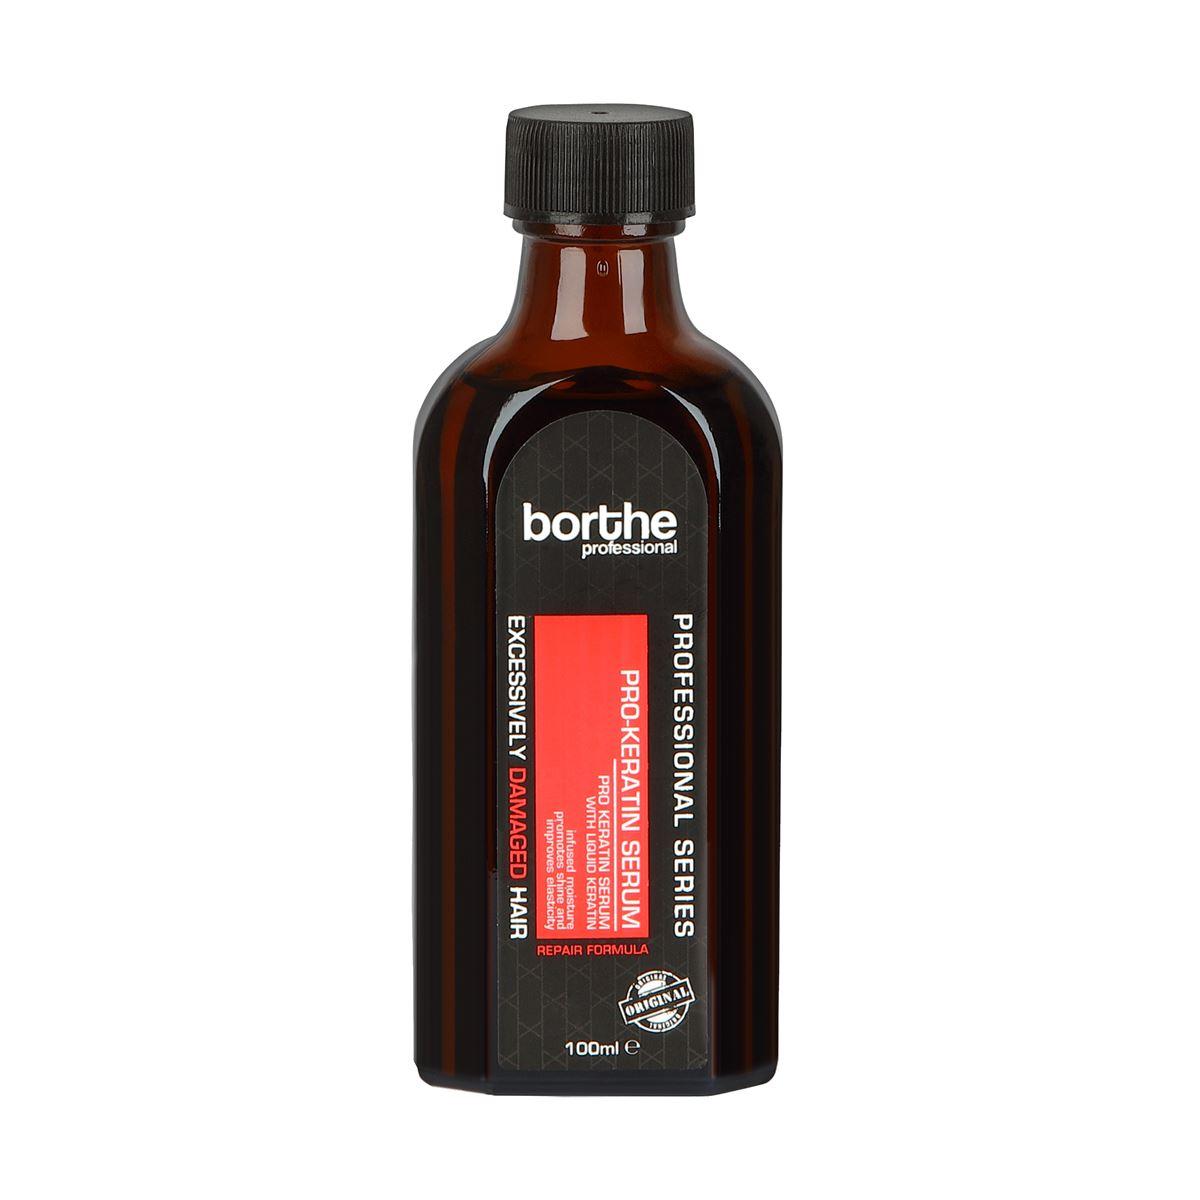 Borthe Saç Serumu Pro-Keratin 100 ml.